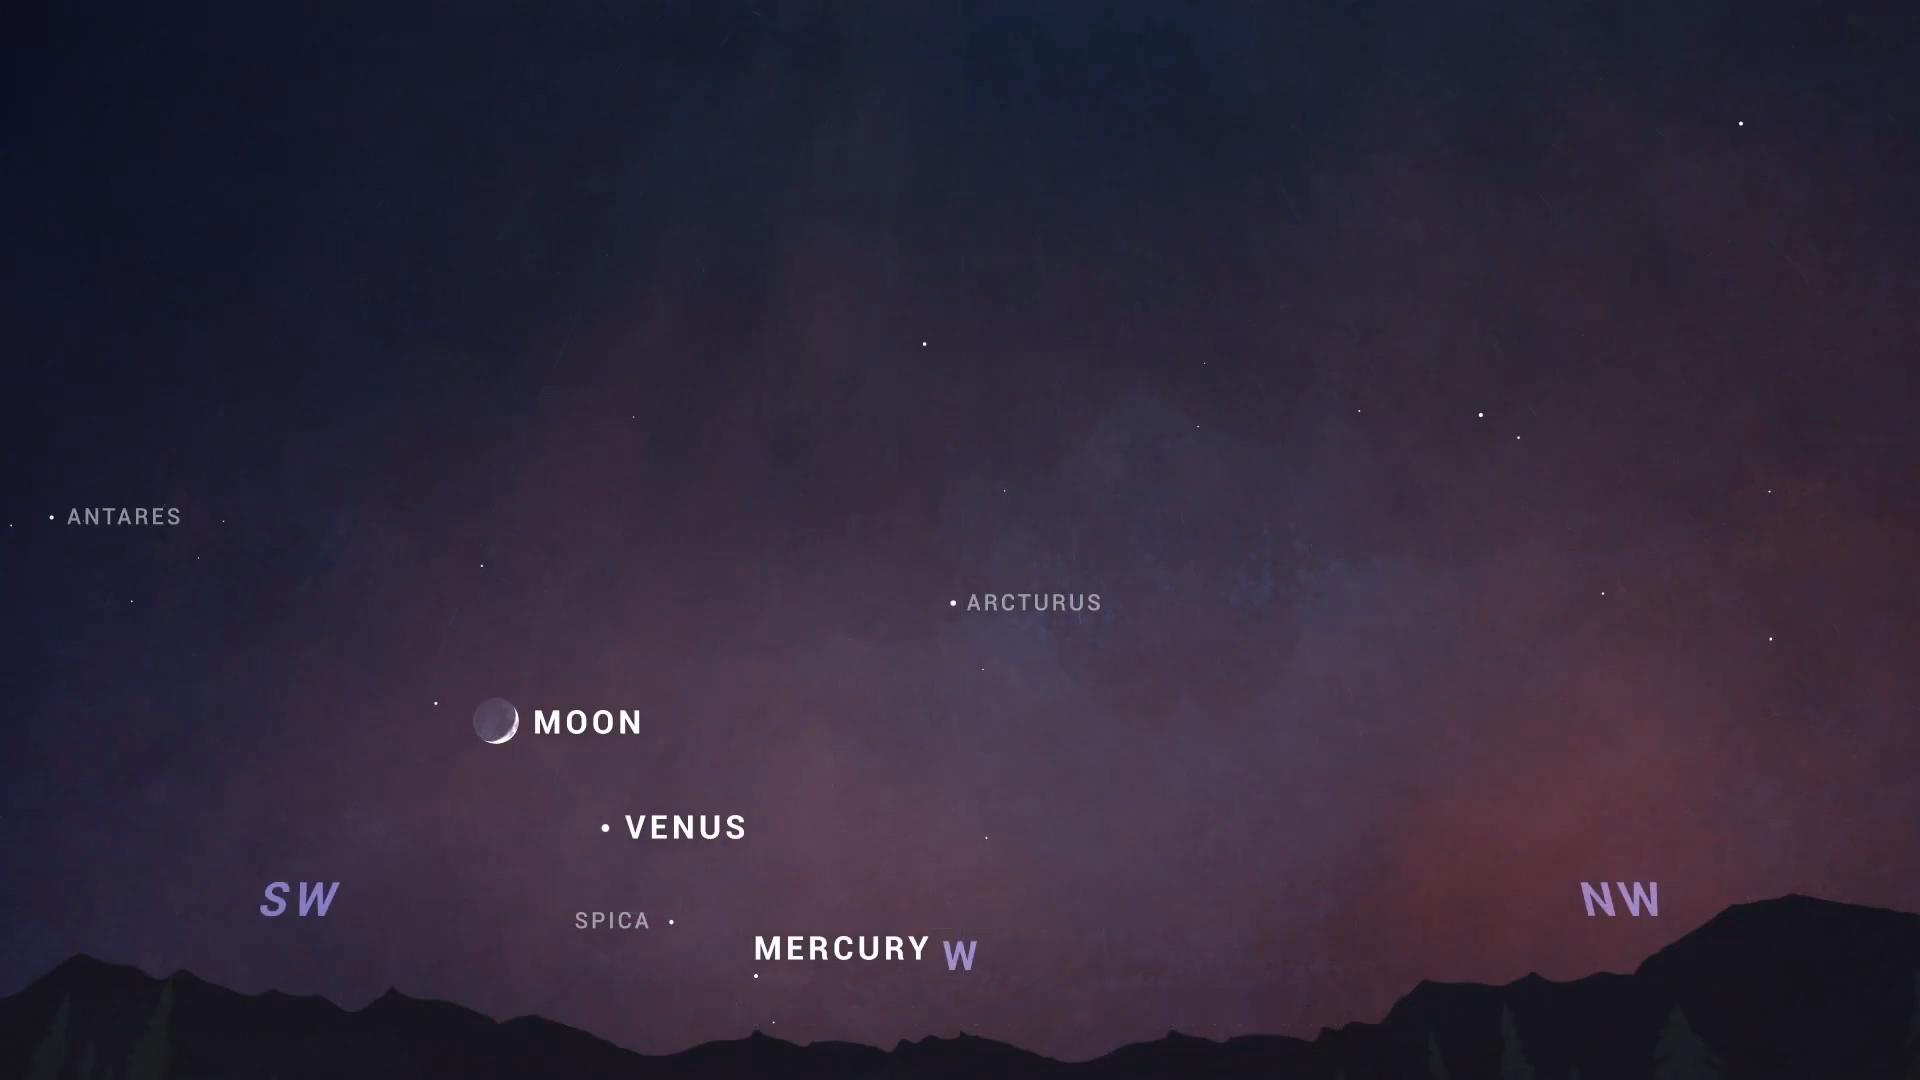 MoonVenusMercury